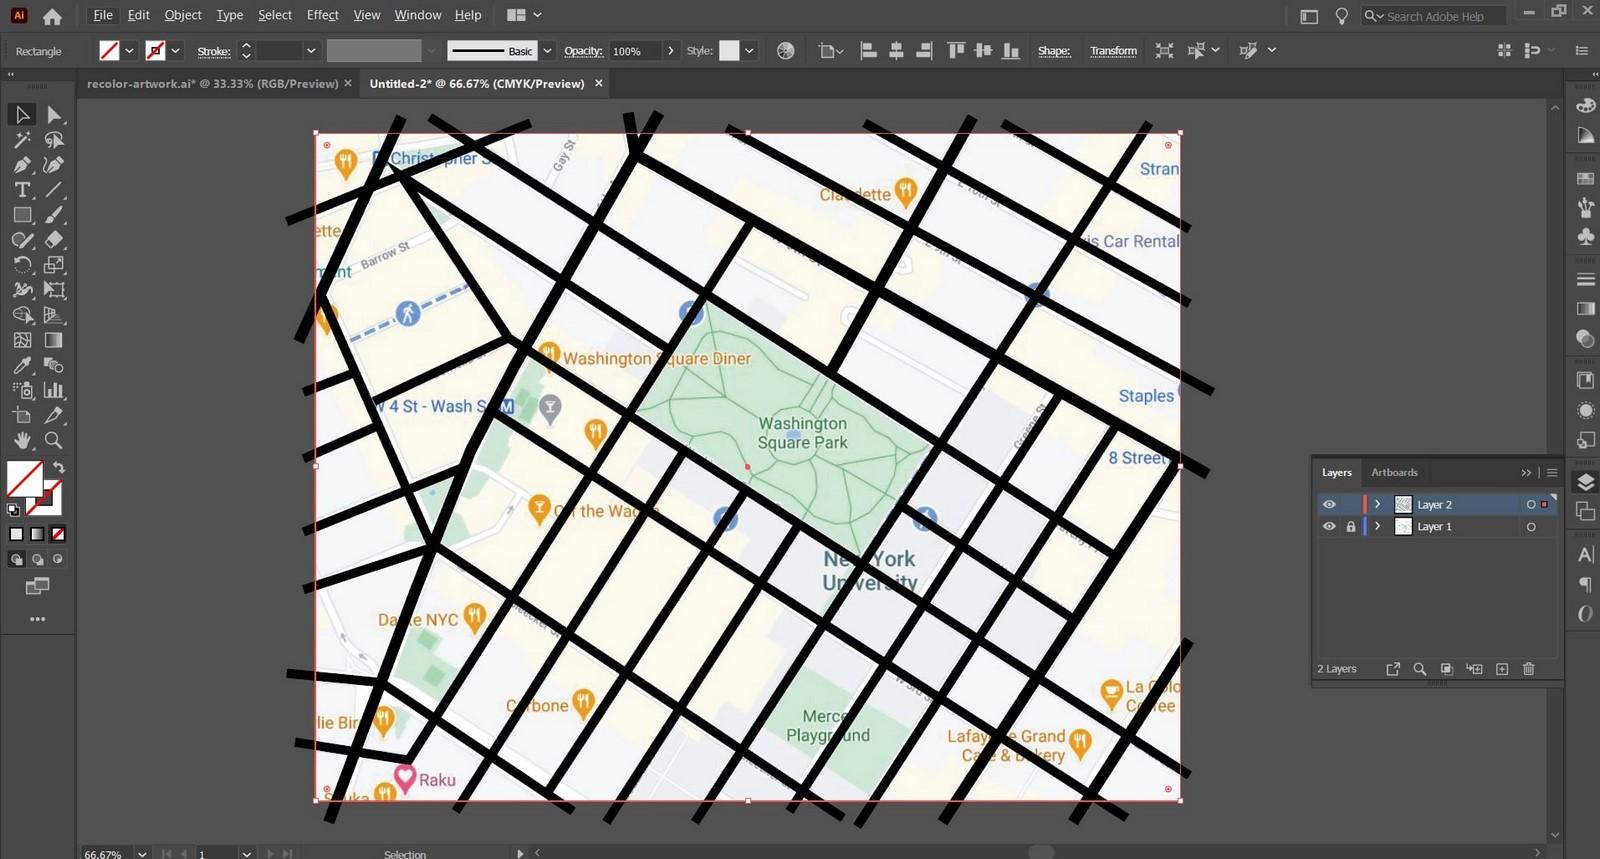 Making Maps - Sheet1